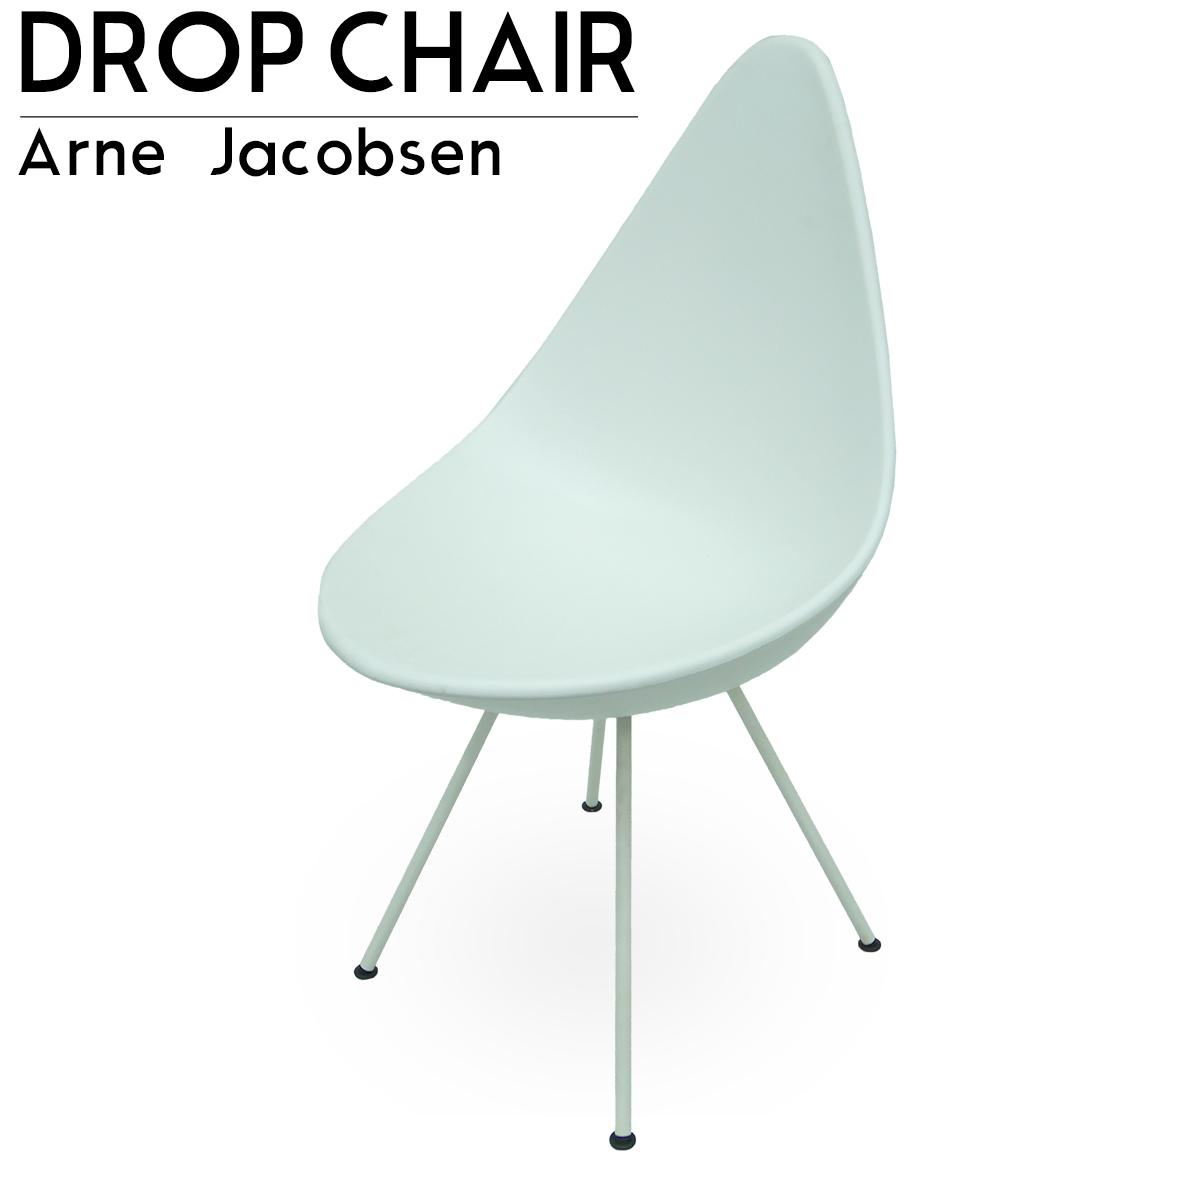 ドロップチェア DROP CHAIR アルネ・ヤコブセン デザイナーズチェア ダイニングチェア 北欧 モダン 椅子 イス おしゃれ 単品 白 D-01